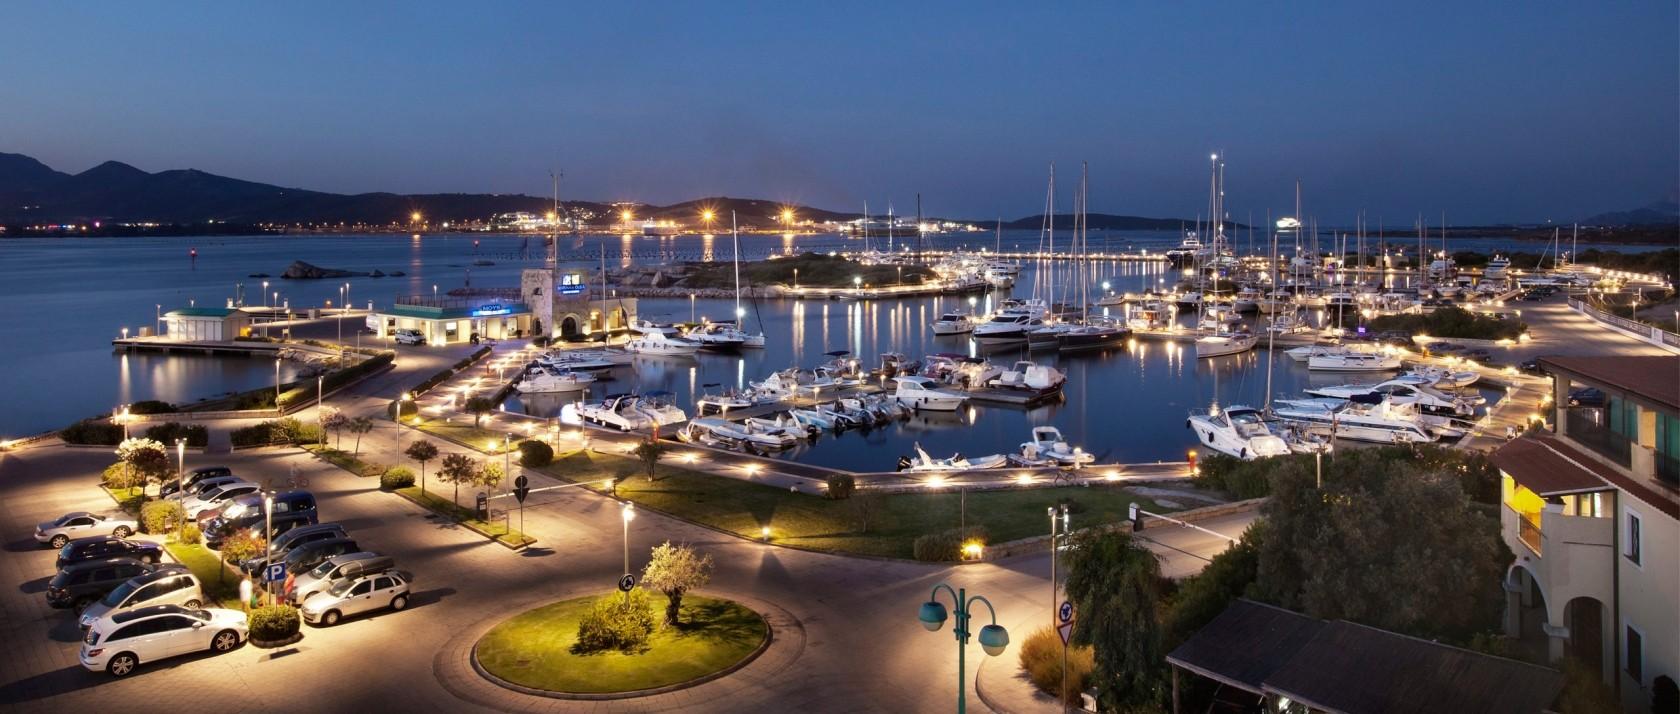 The Marina di Olbia  Residences